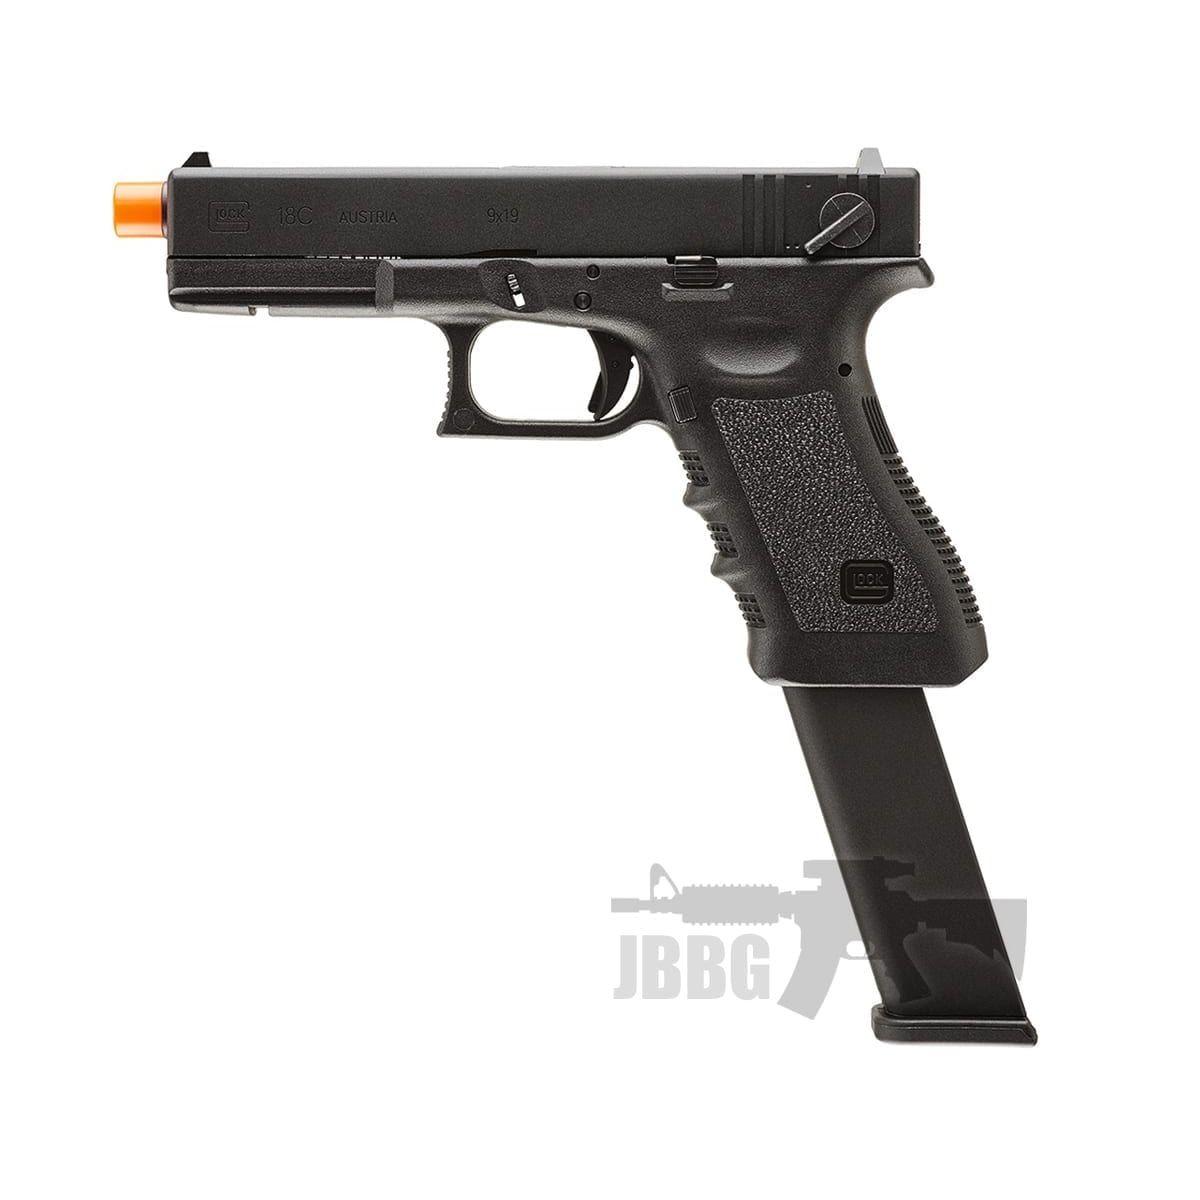 g18c-glock-pistol-gun-airsoft-umarex-gas-blowback-umarex